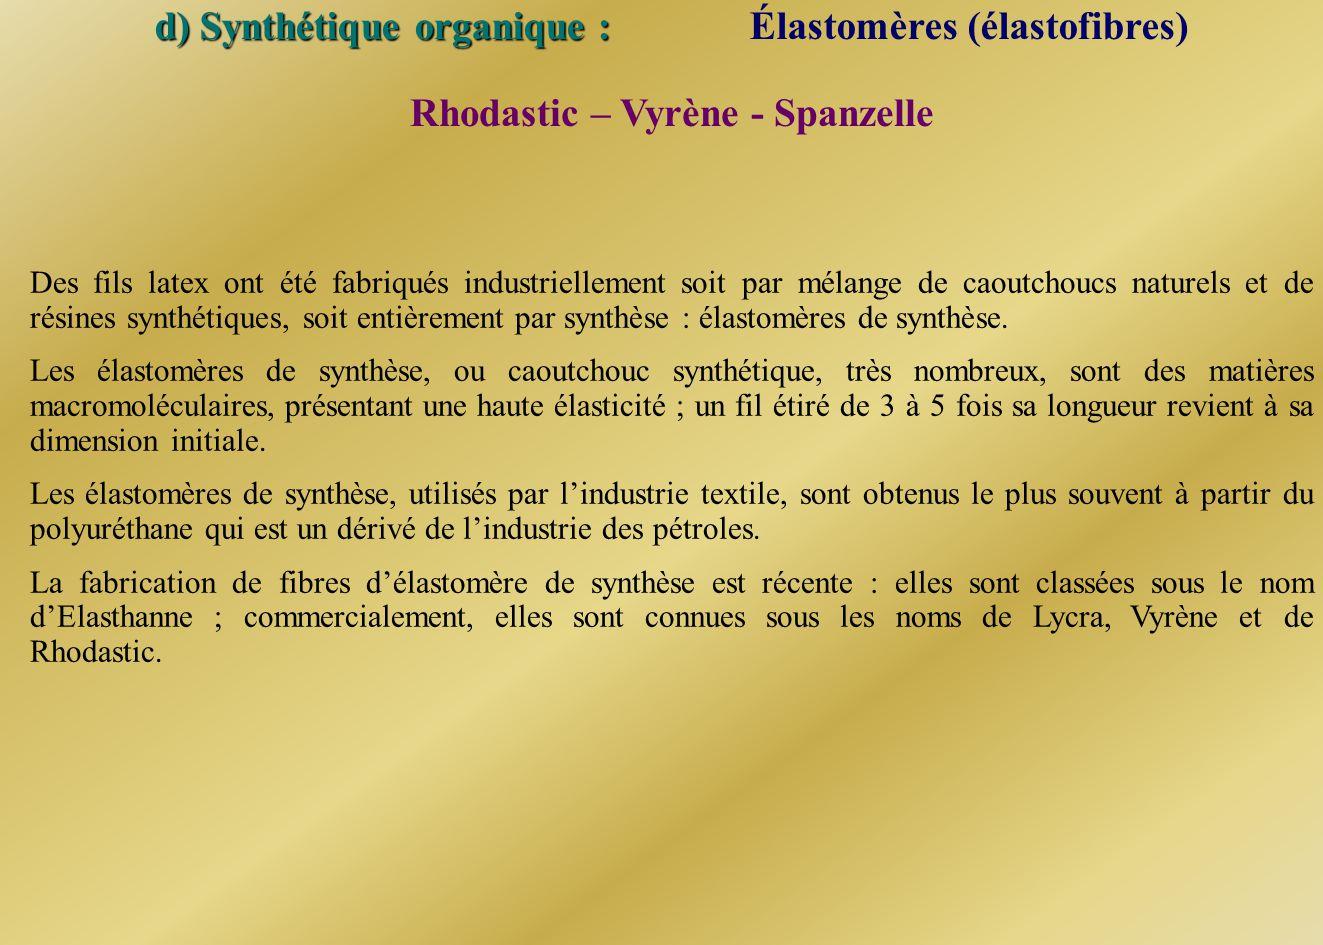 d) Synthétique organique : Élastomères (élastofibres) Des fils latex ont été fabriqués industriellement soit par mélange de caoutchoucs naturels et de